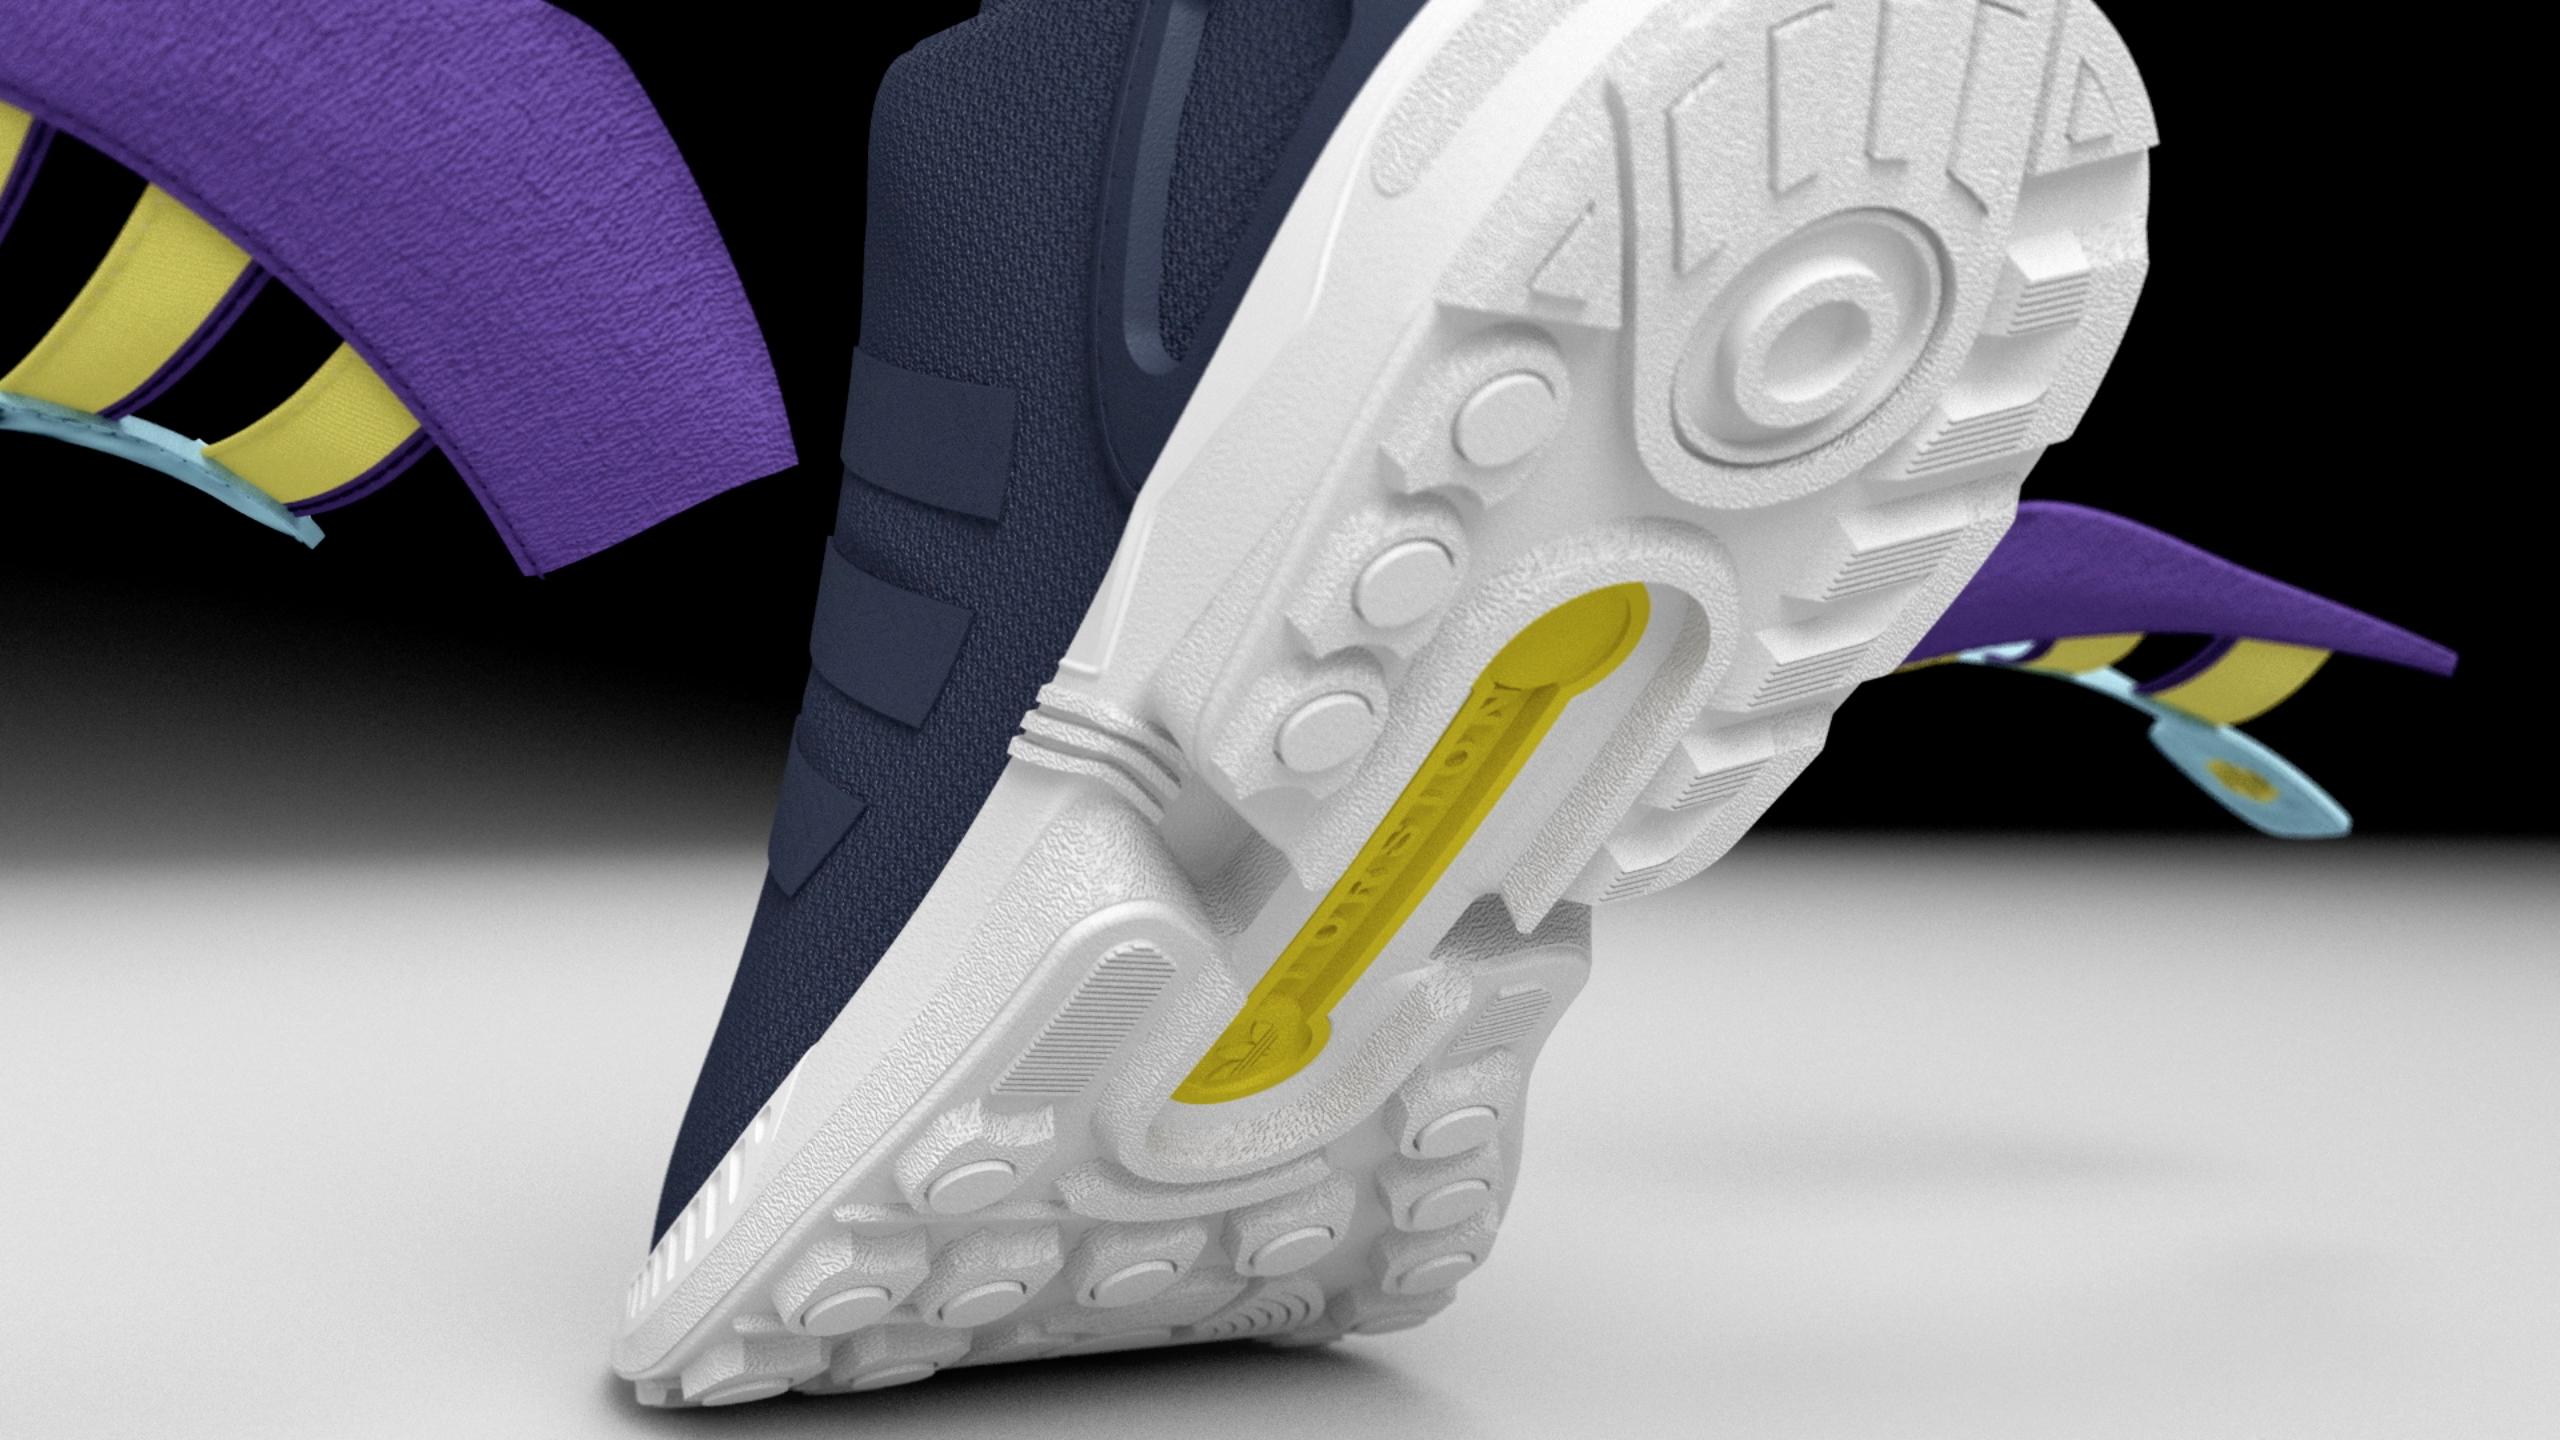 60646a2b9 ... ZXFLUX-VIDEO STILL-5 ZXFLUX-VIDEO STILL-3. adidas Originals 2014 ZX ...